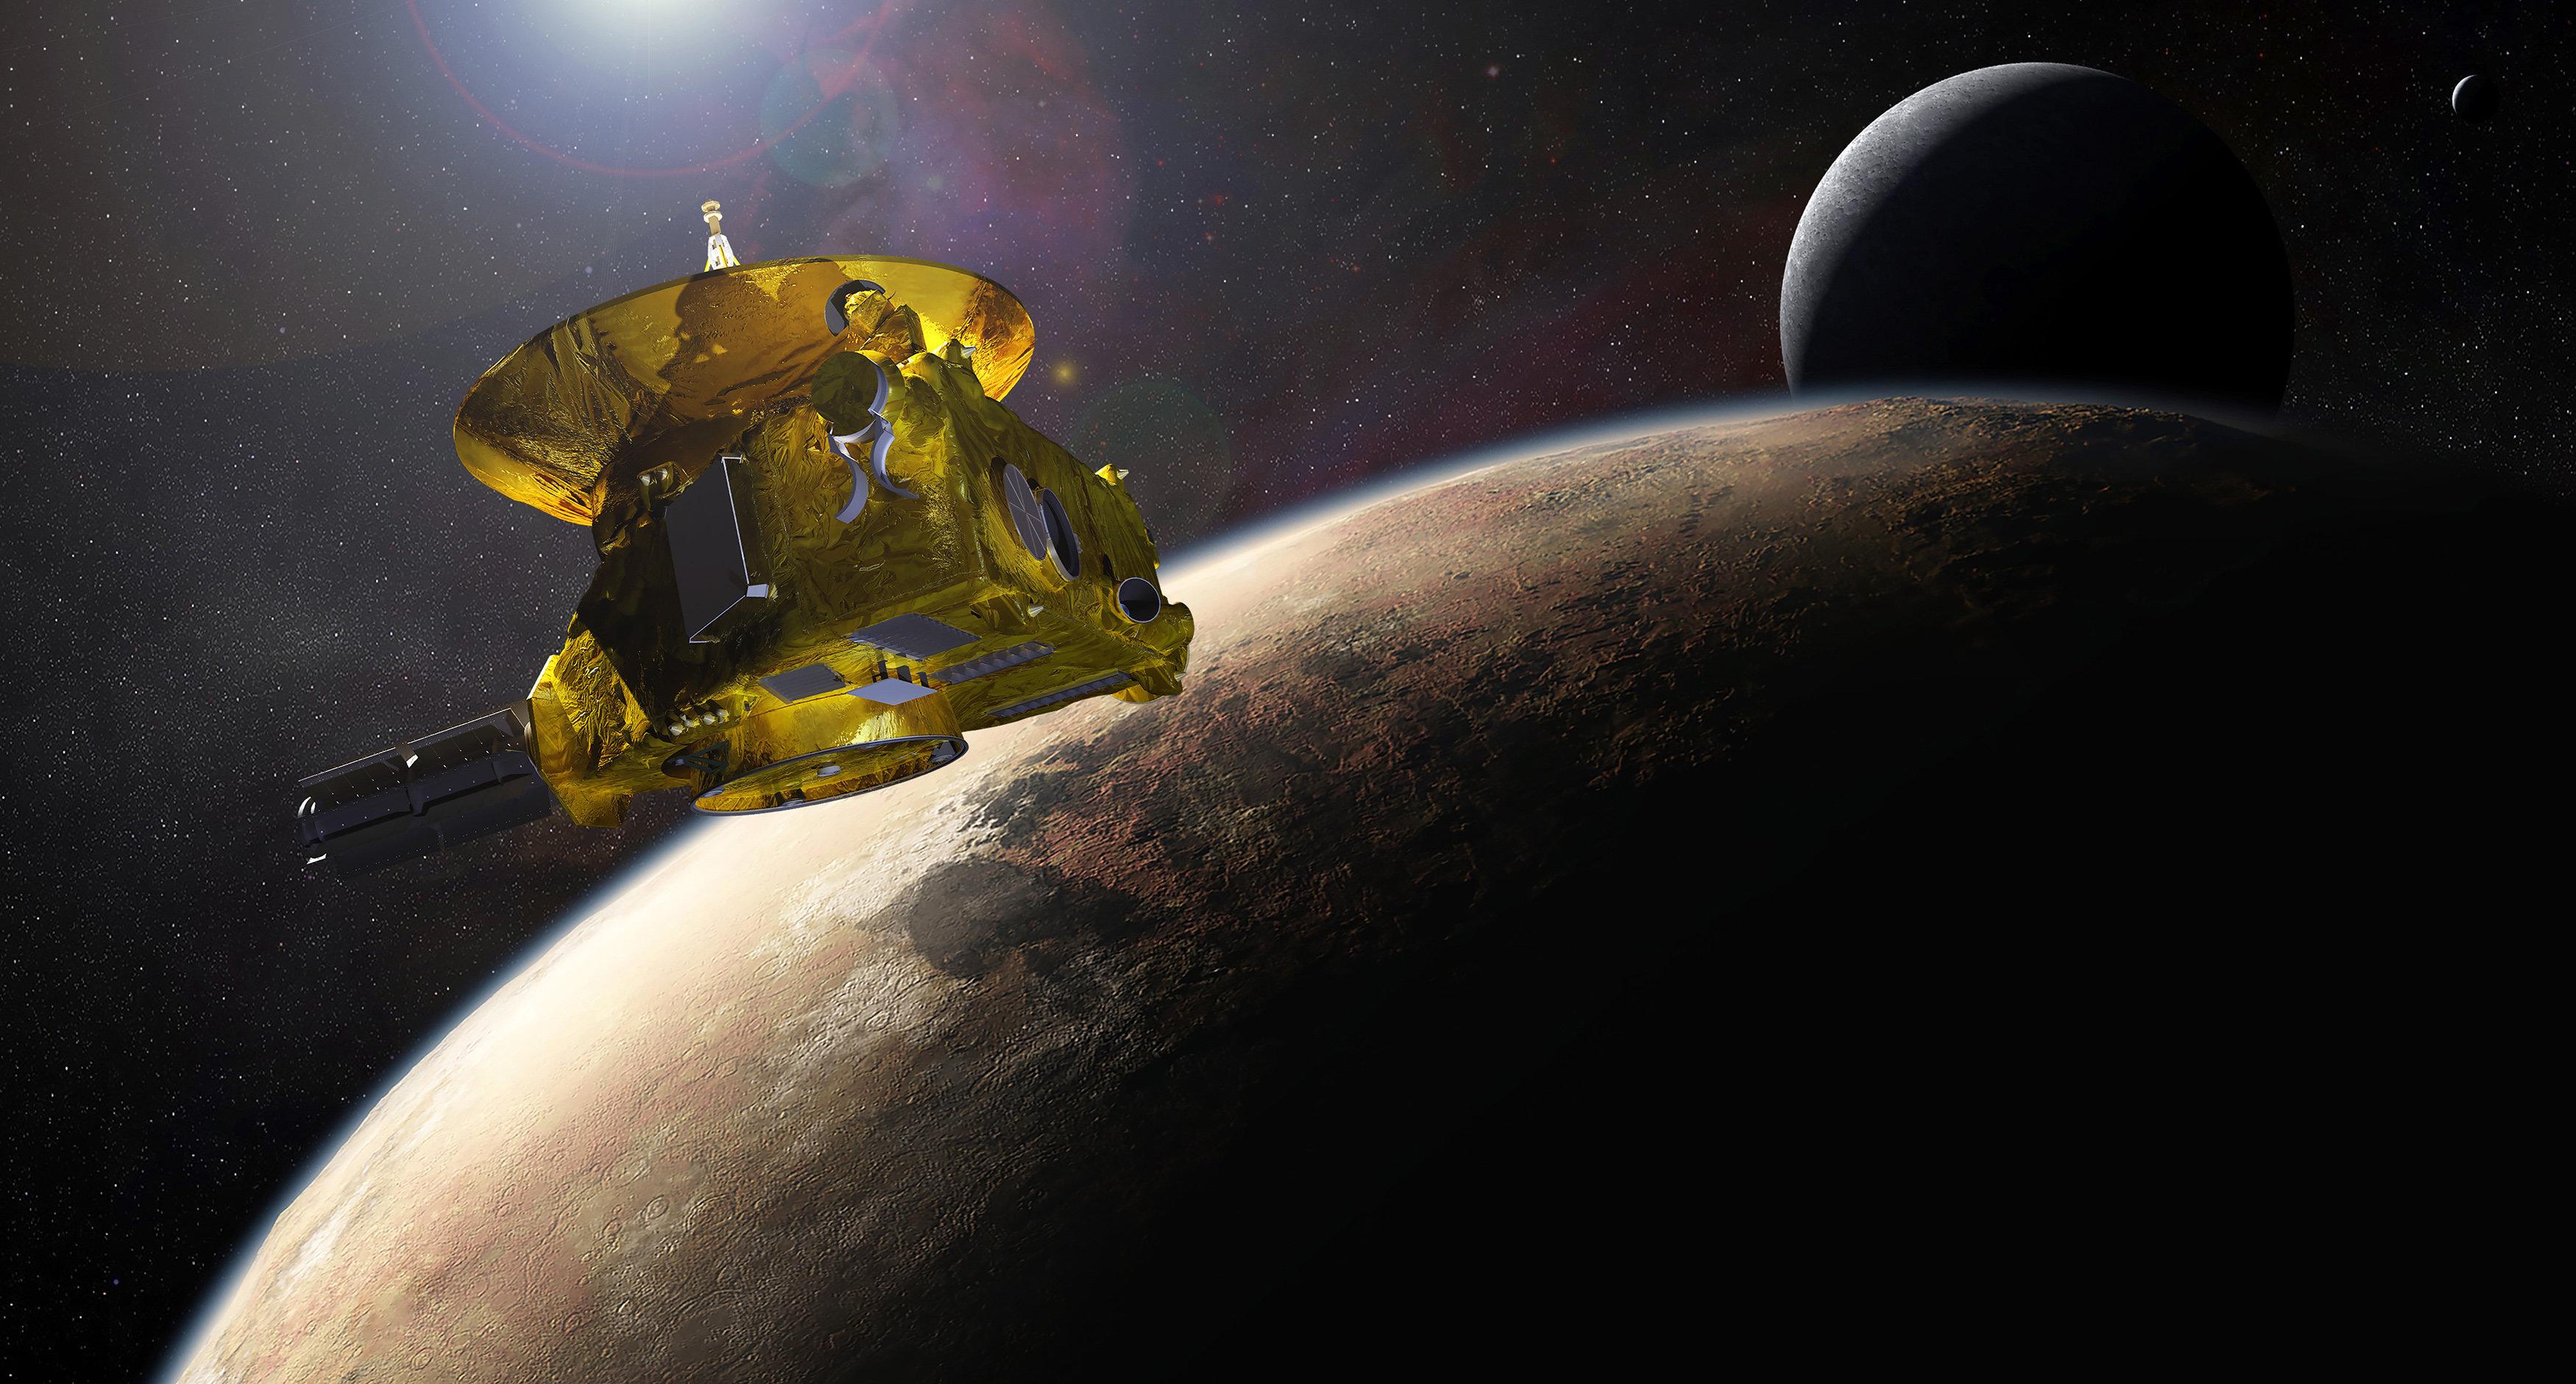 Το διαστημικό σκάφος New Horizons σπάει το ρεκόρ τραβώντας τις πιο μακρινές από τη Γη